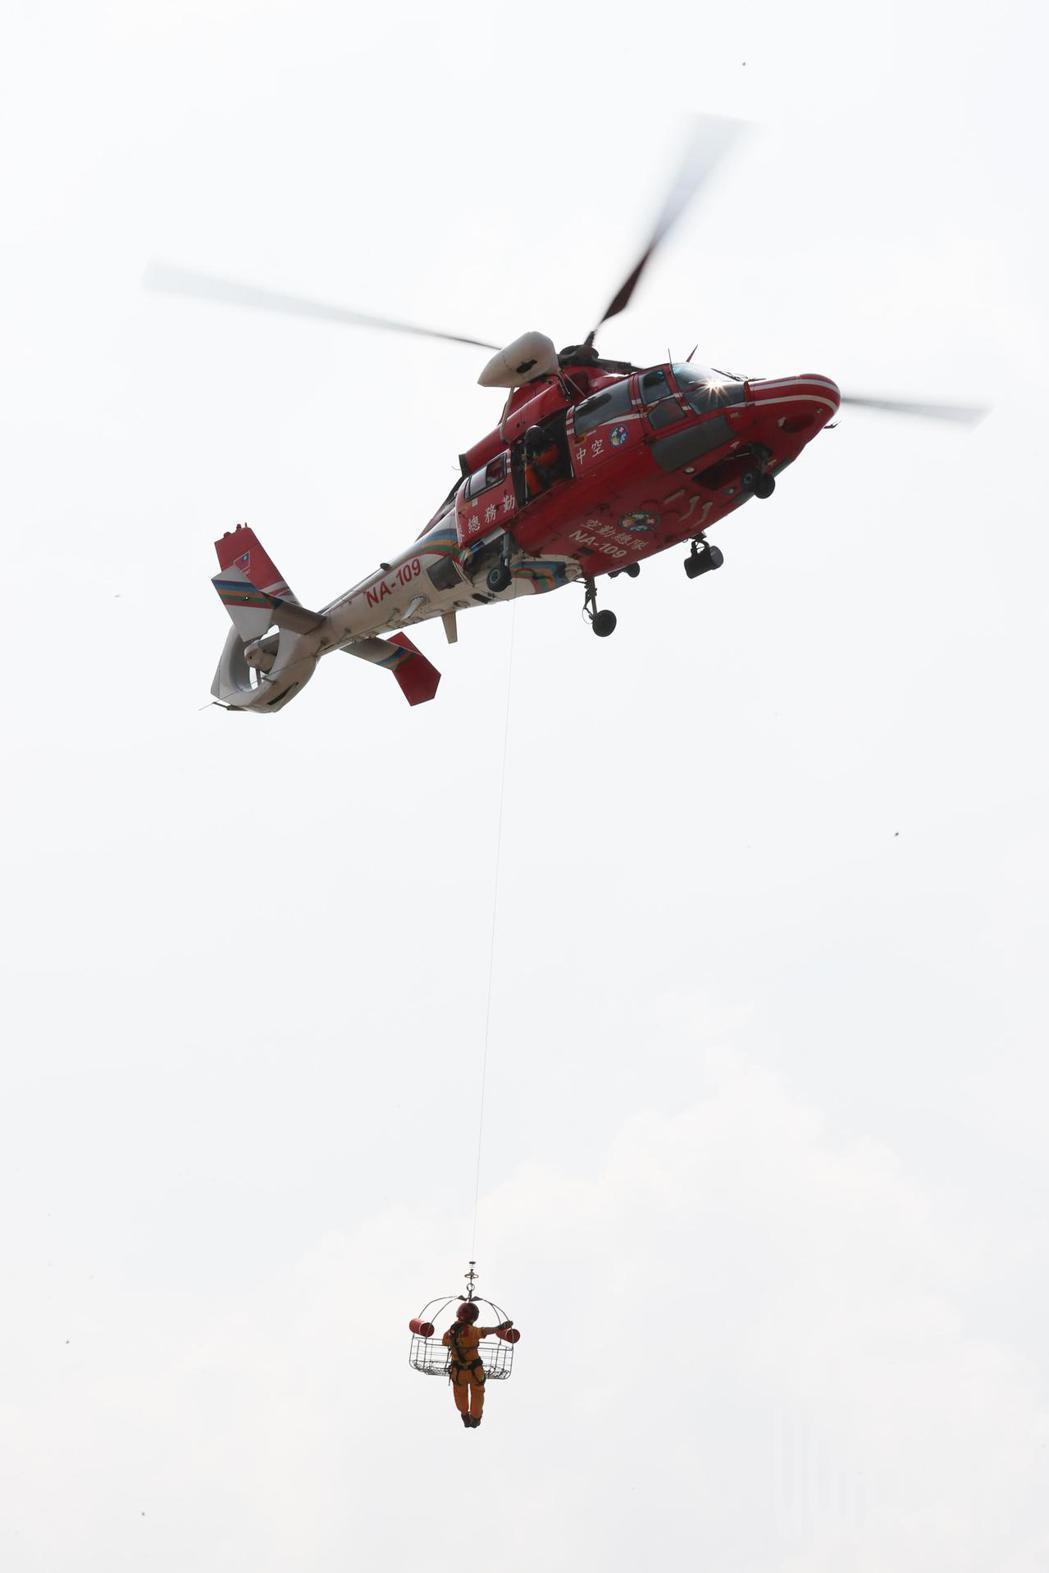 基隆市府在台船辦理災害防救演習,模擬各項災害情境,內政部空中勤務總隊到場支援。記...